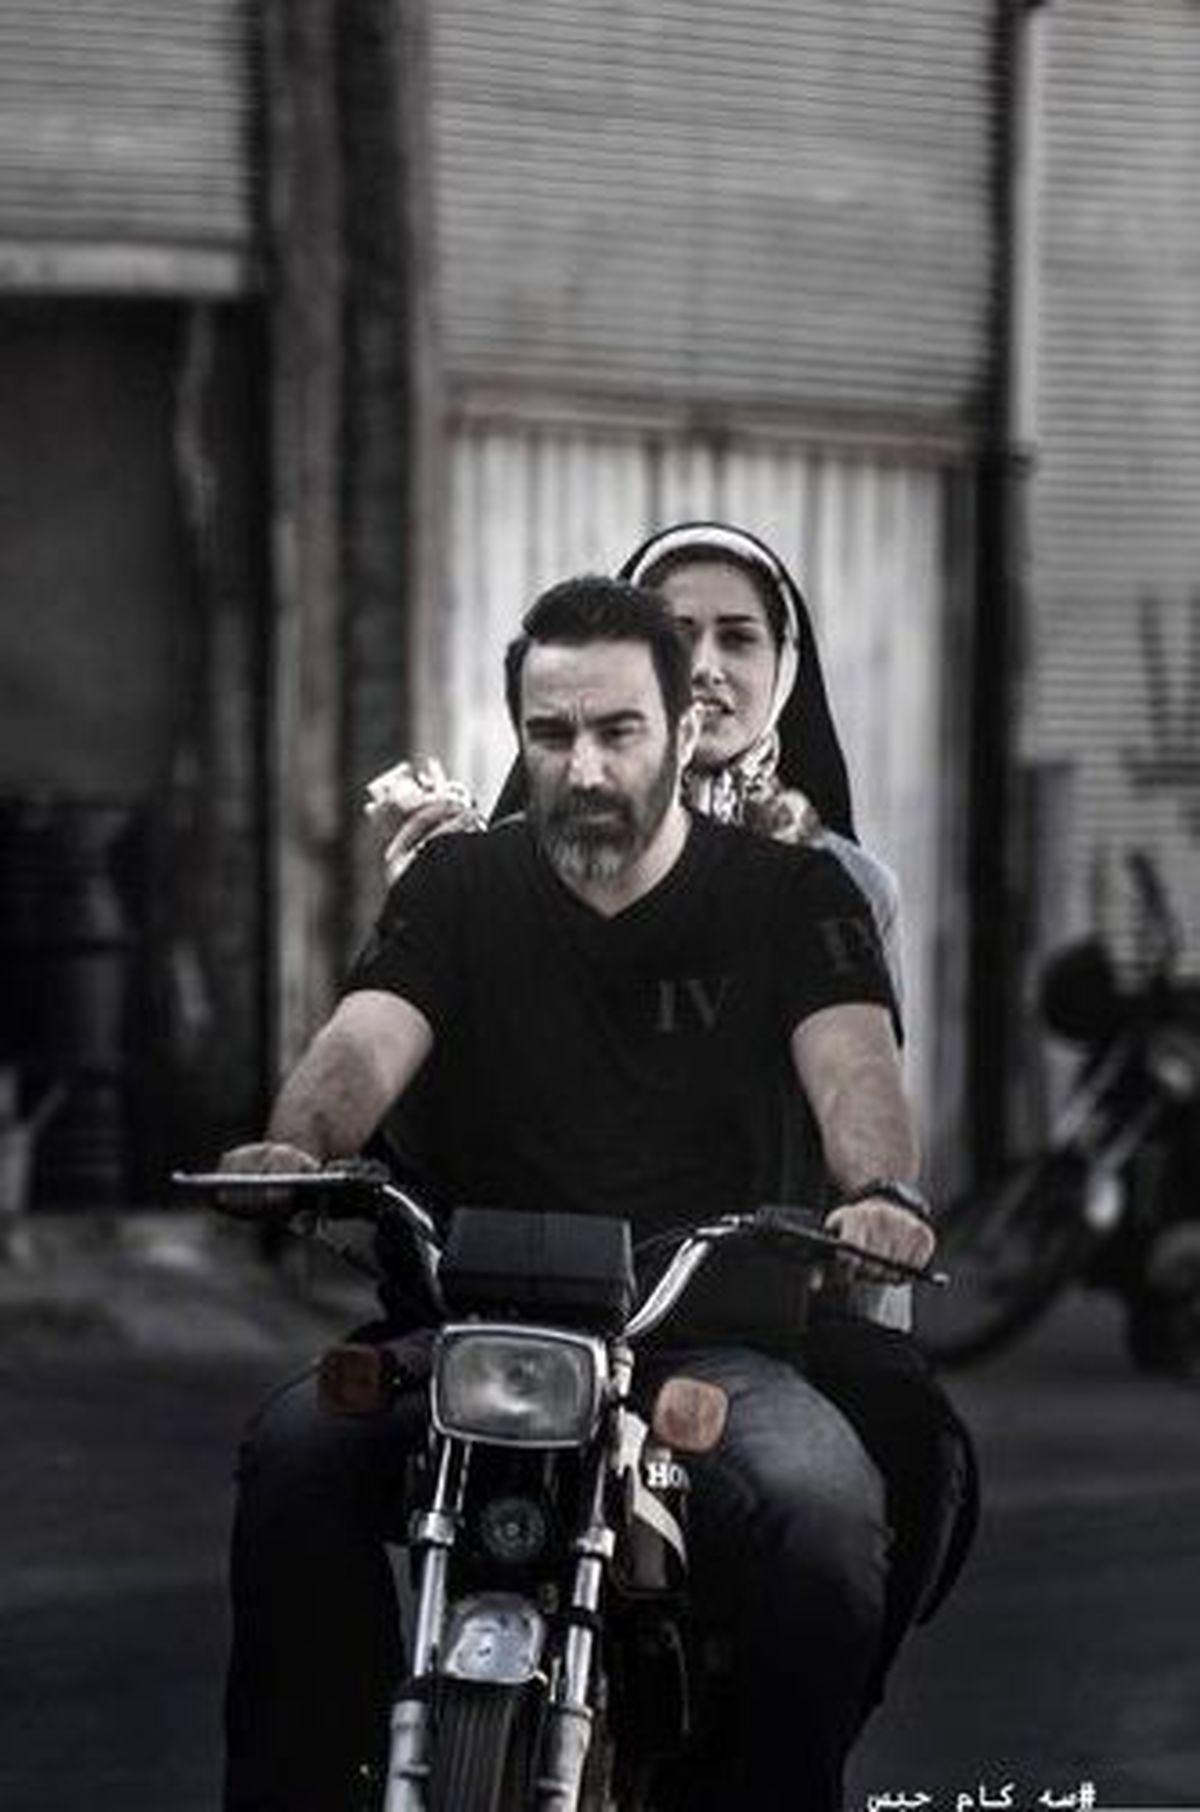 پریناز ایزدیار سوار بر موتور + عکس